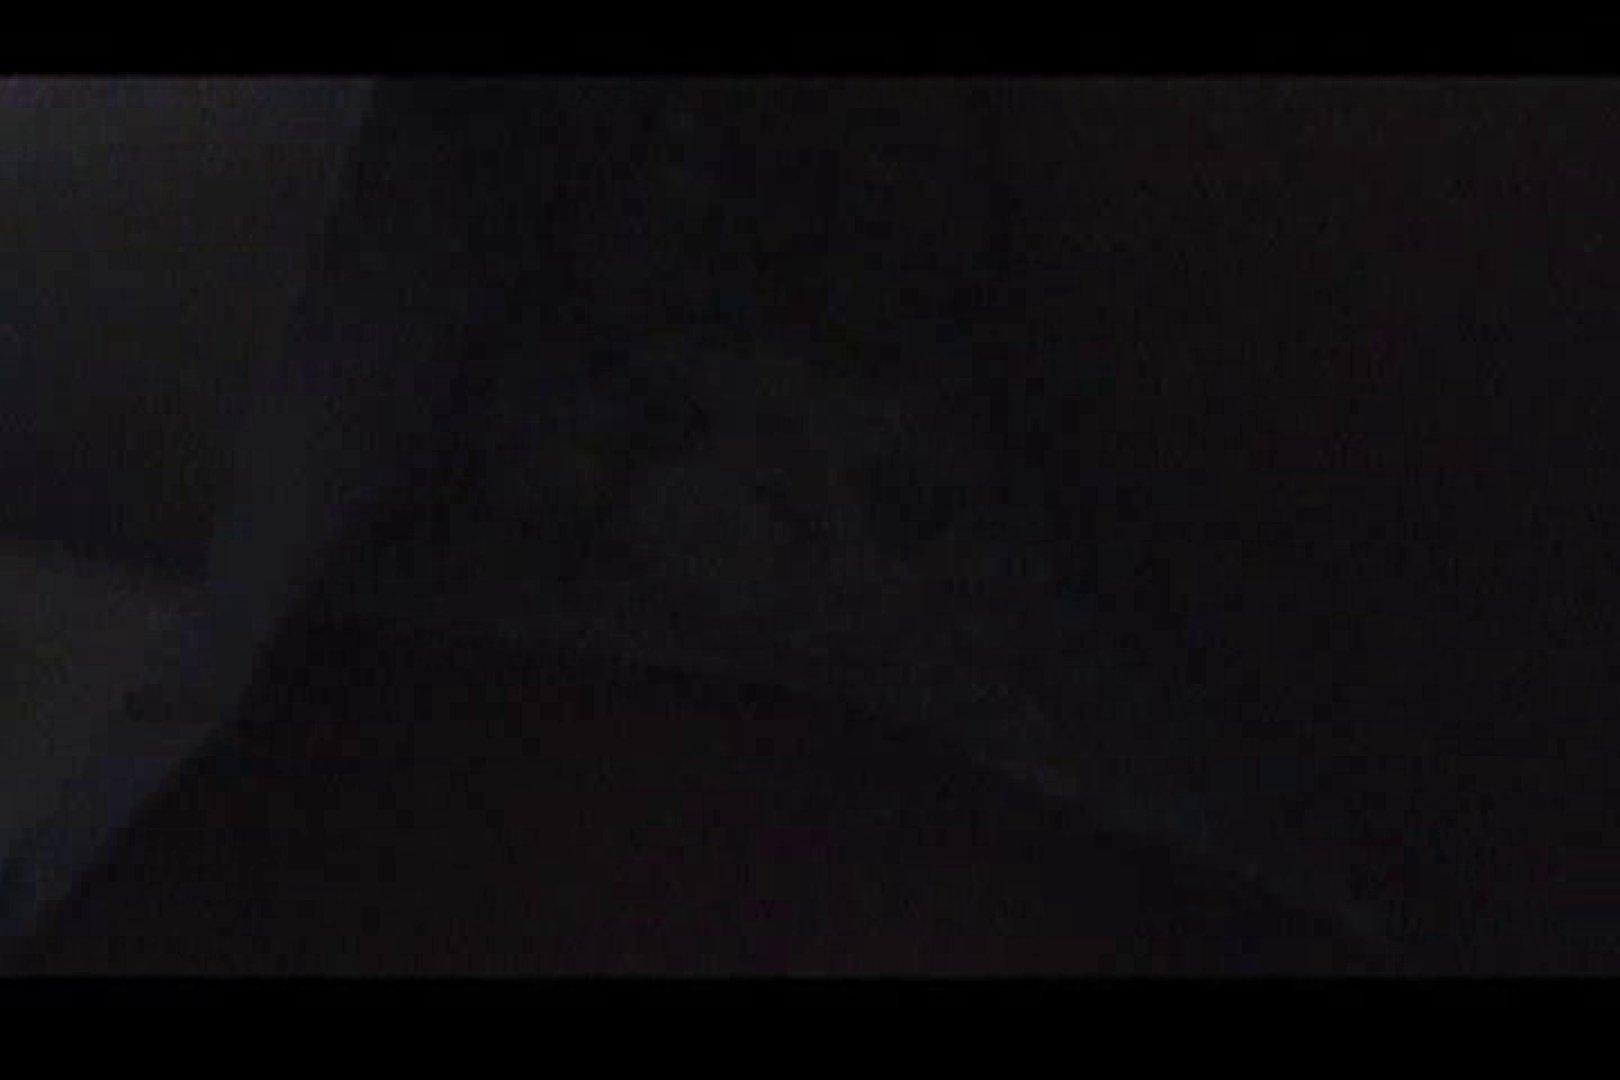 ぶっ掛け電車 只今運行中Vol.6 ギャルヌード ヌード画像 86画像 33